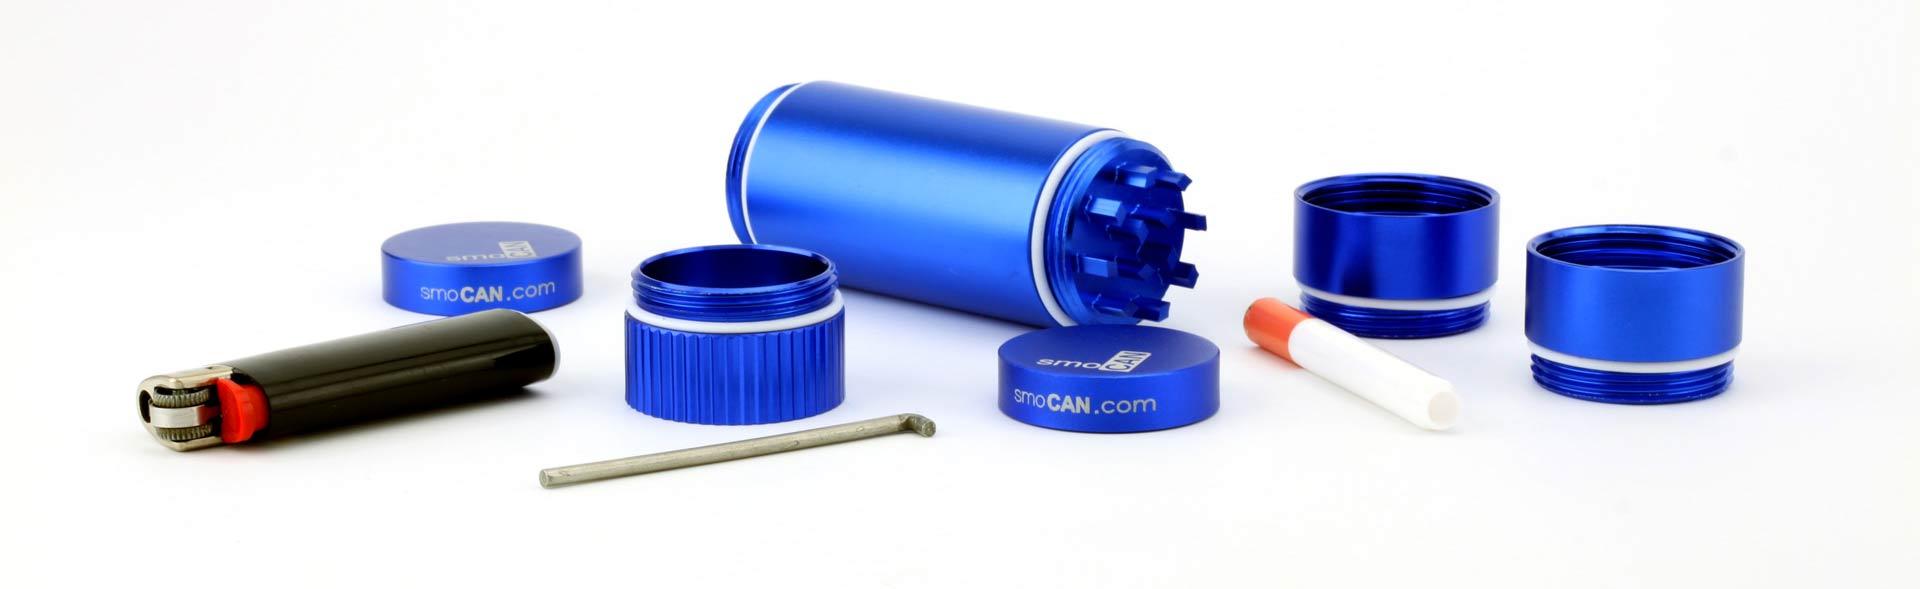 Smocan Portable Grinder